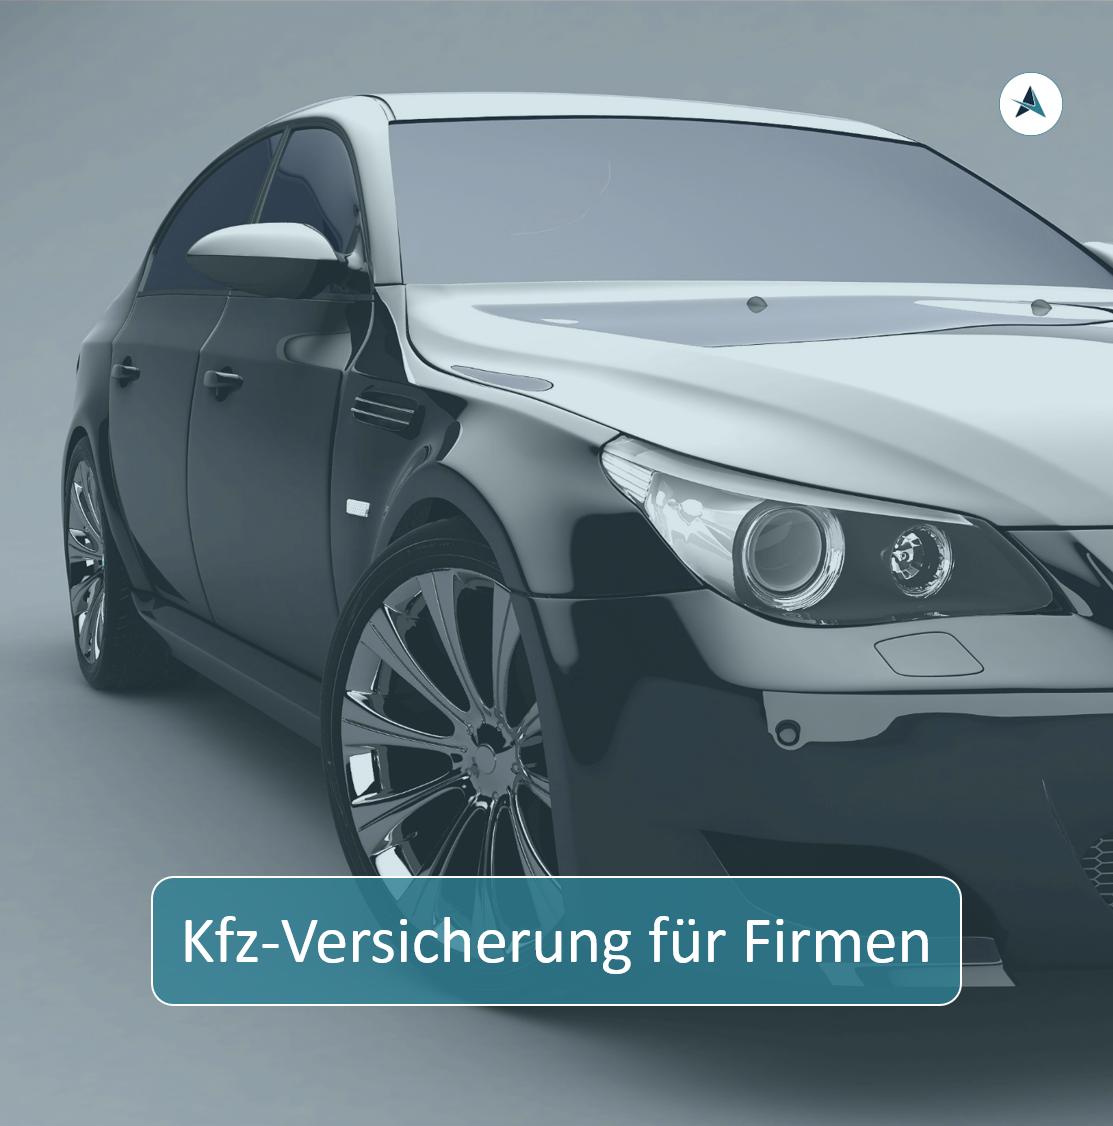 Versicherungsmakler-Berlin-Kfz-Versicherung-fuer-Firmen-André-Böttcher-Autoversicherung-Haftpflicht-GAP-Vollkasko